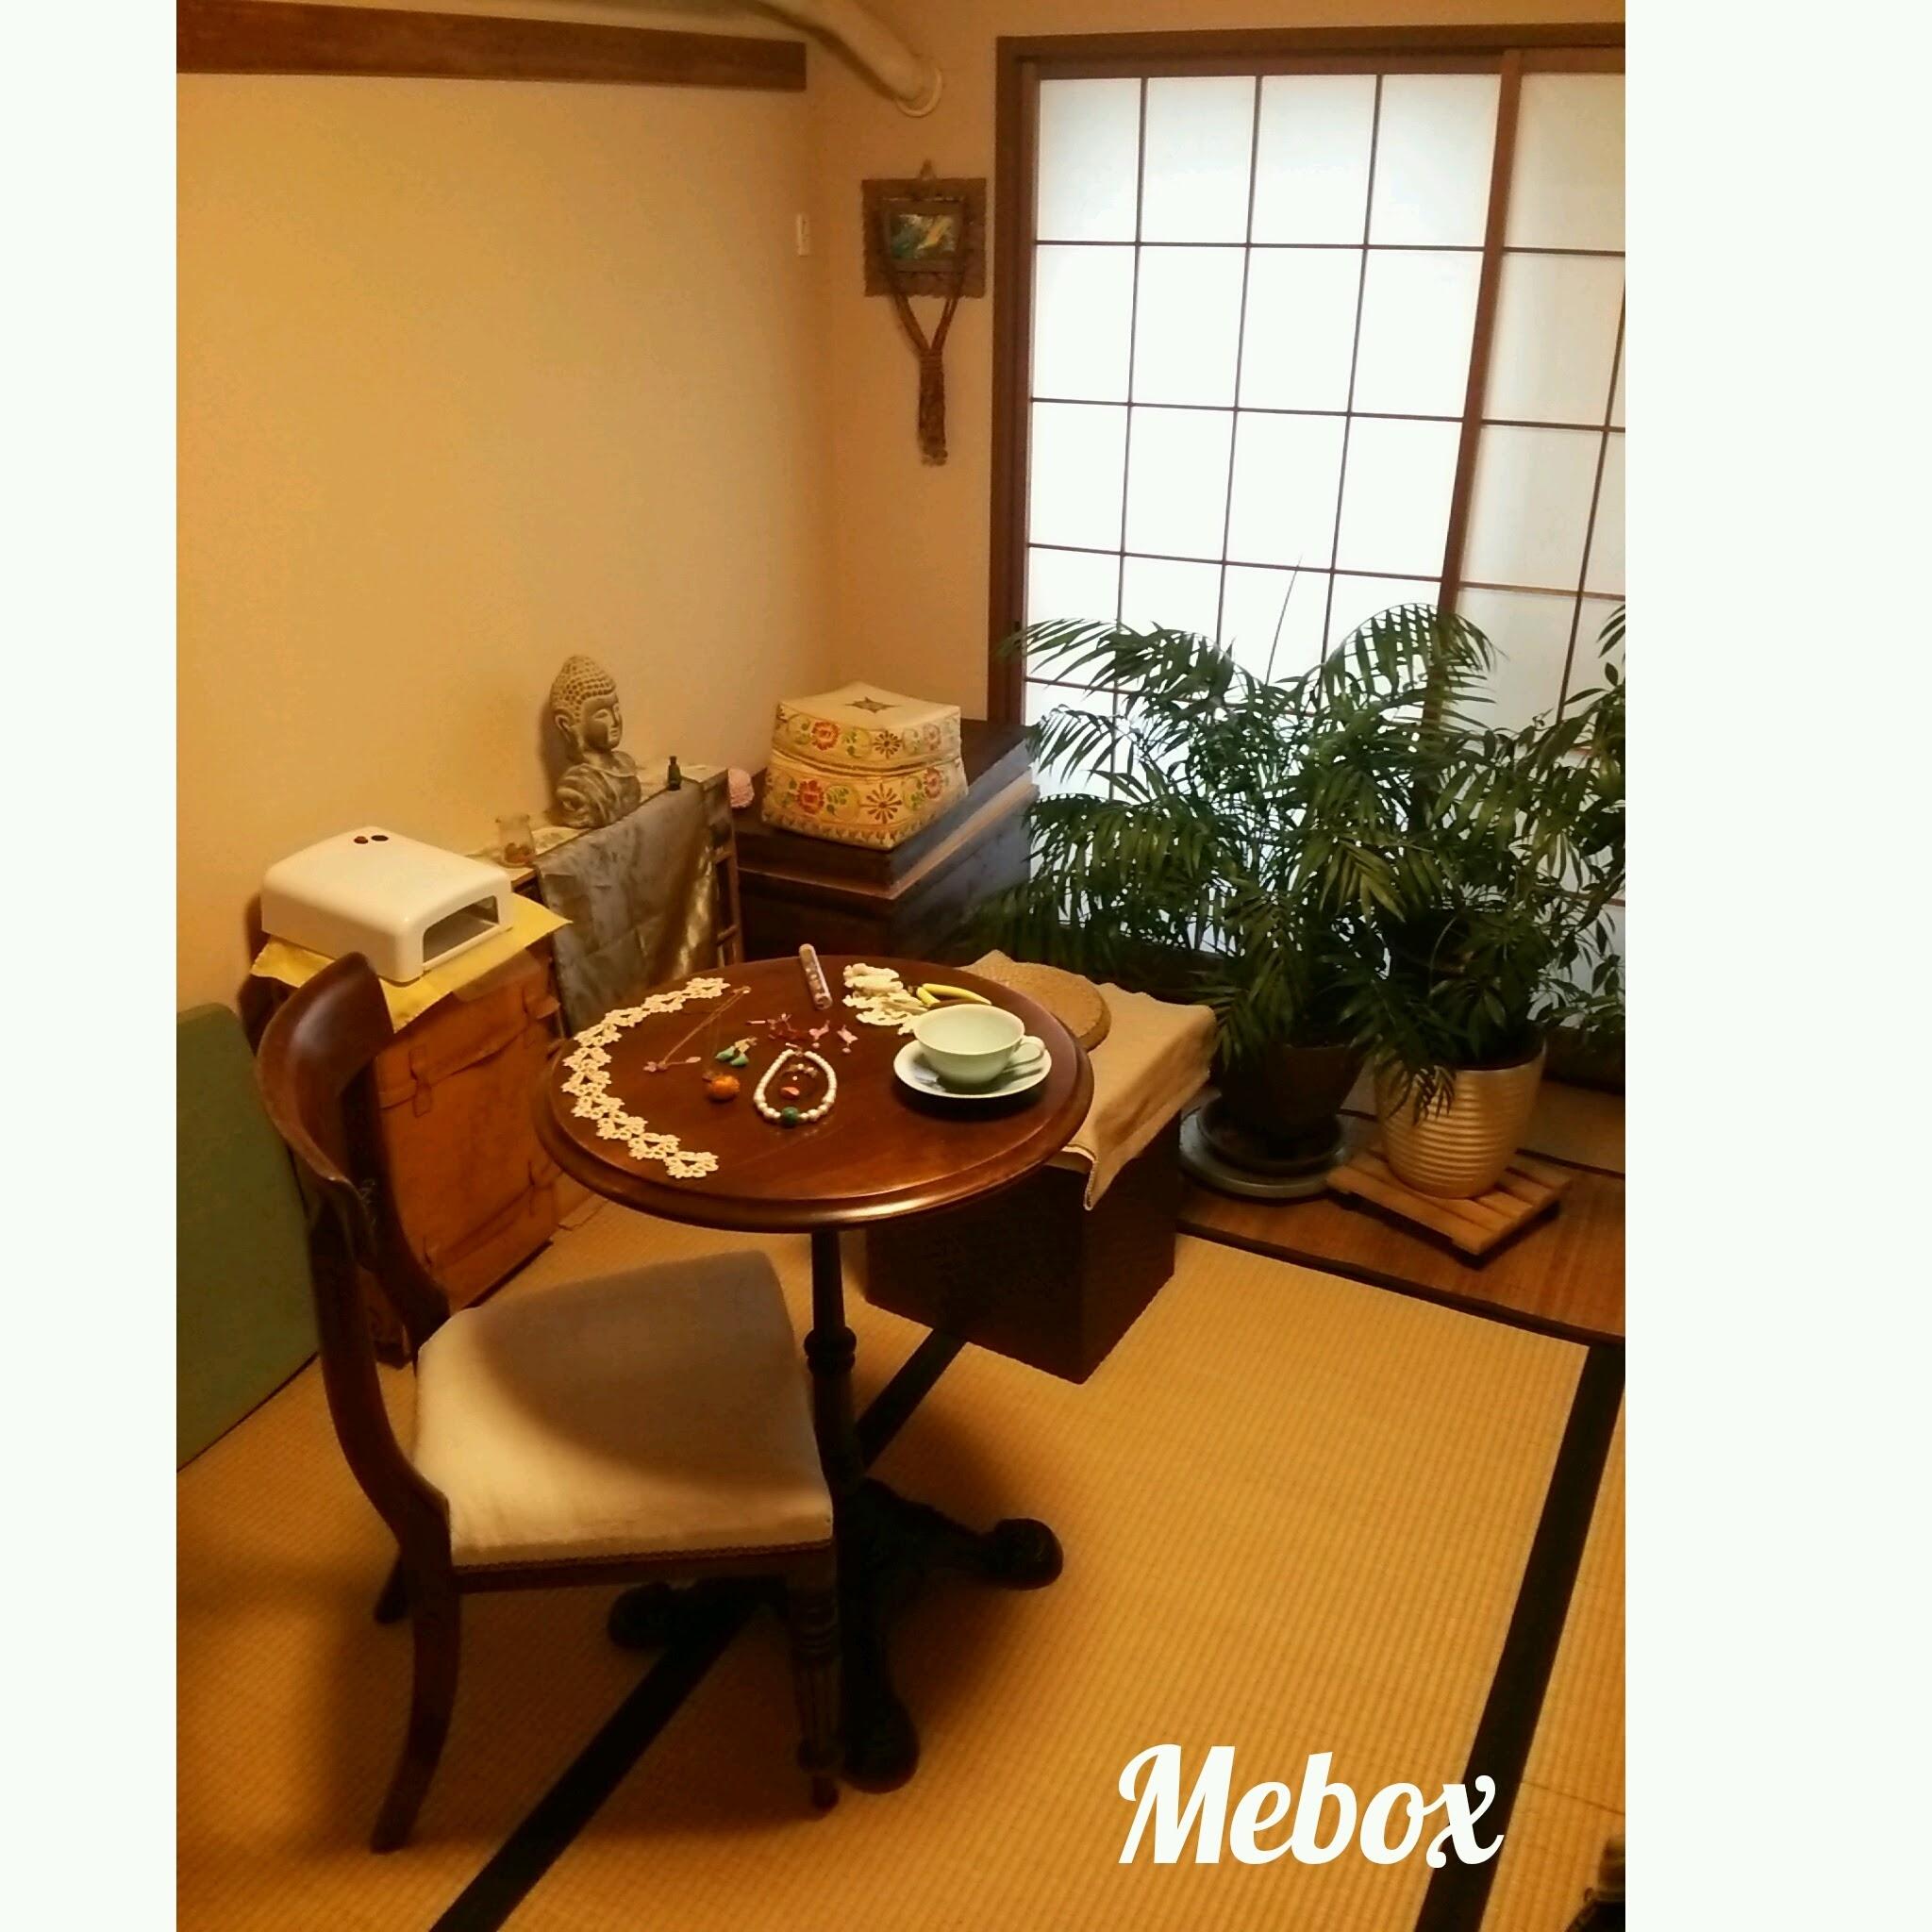 6畳和室にアンティーク椅子とテーブル。